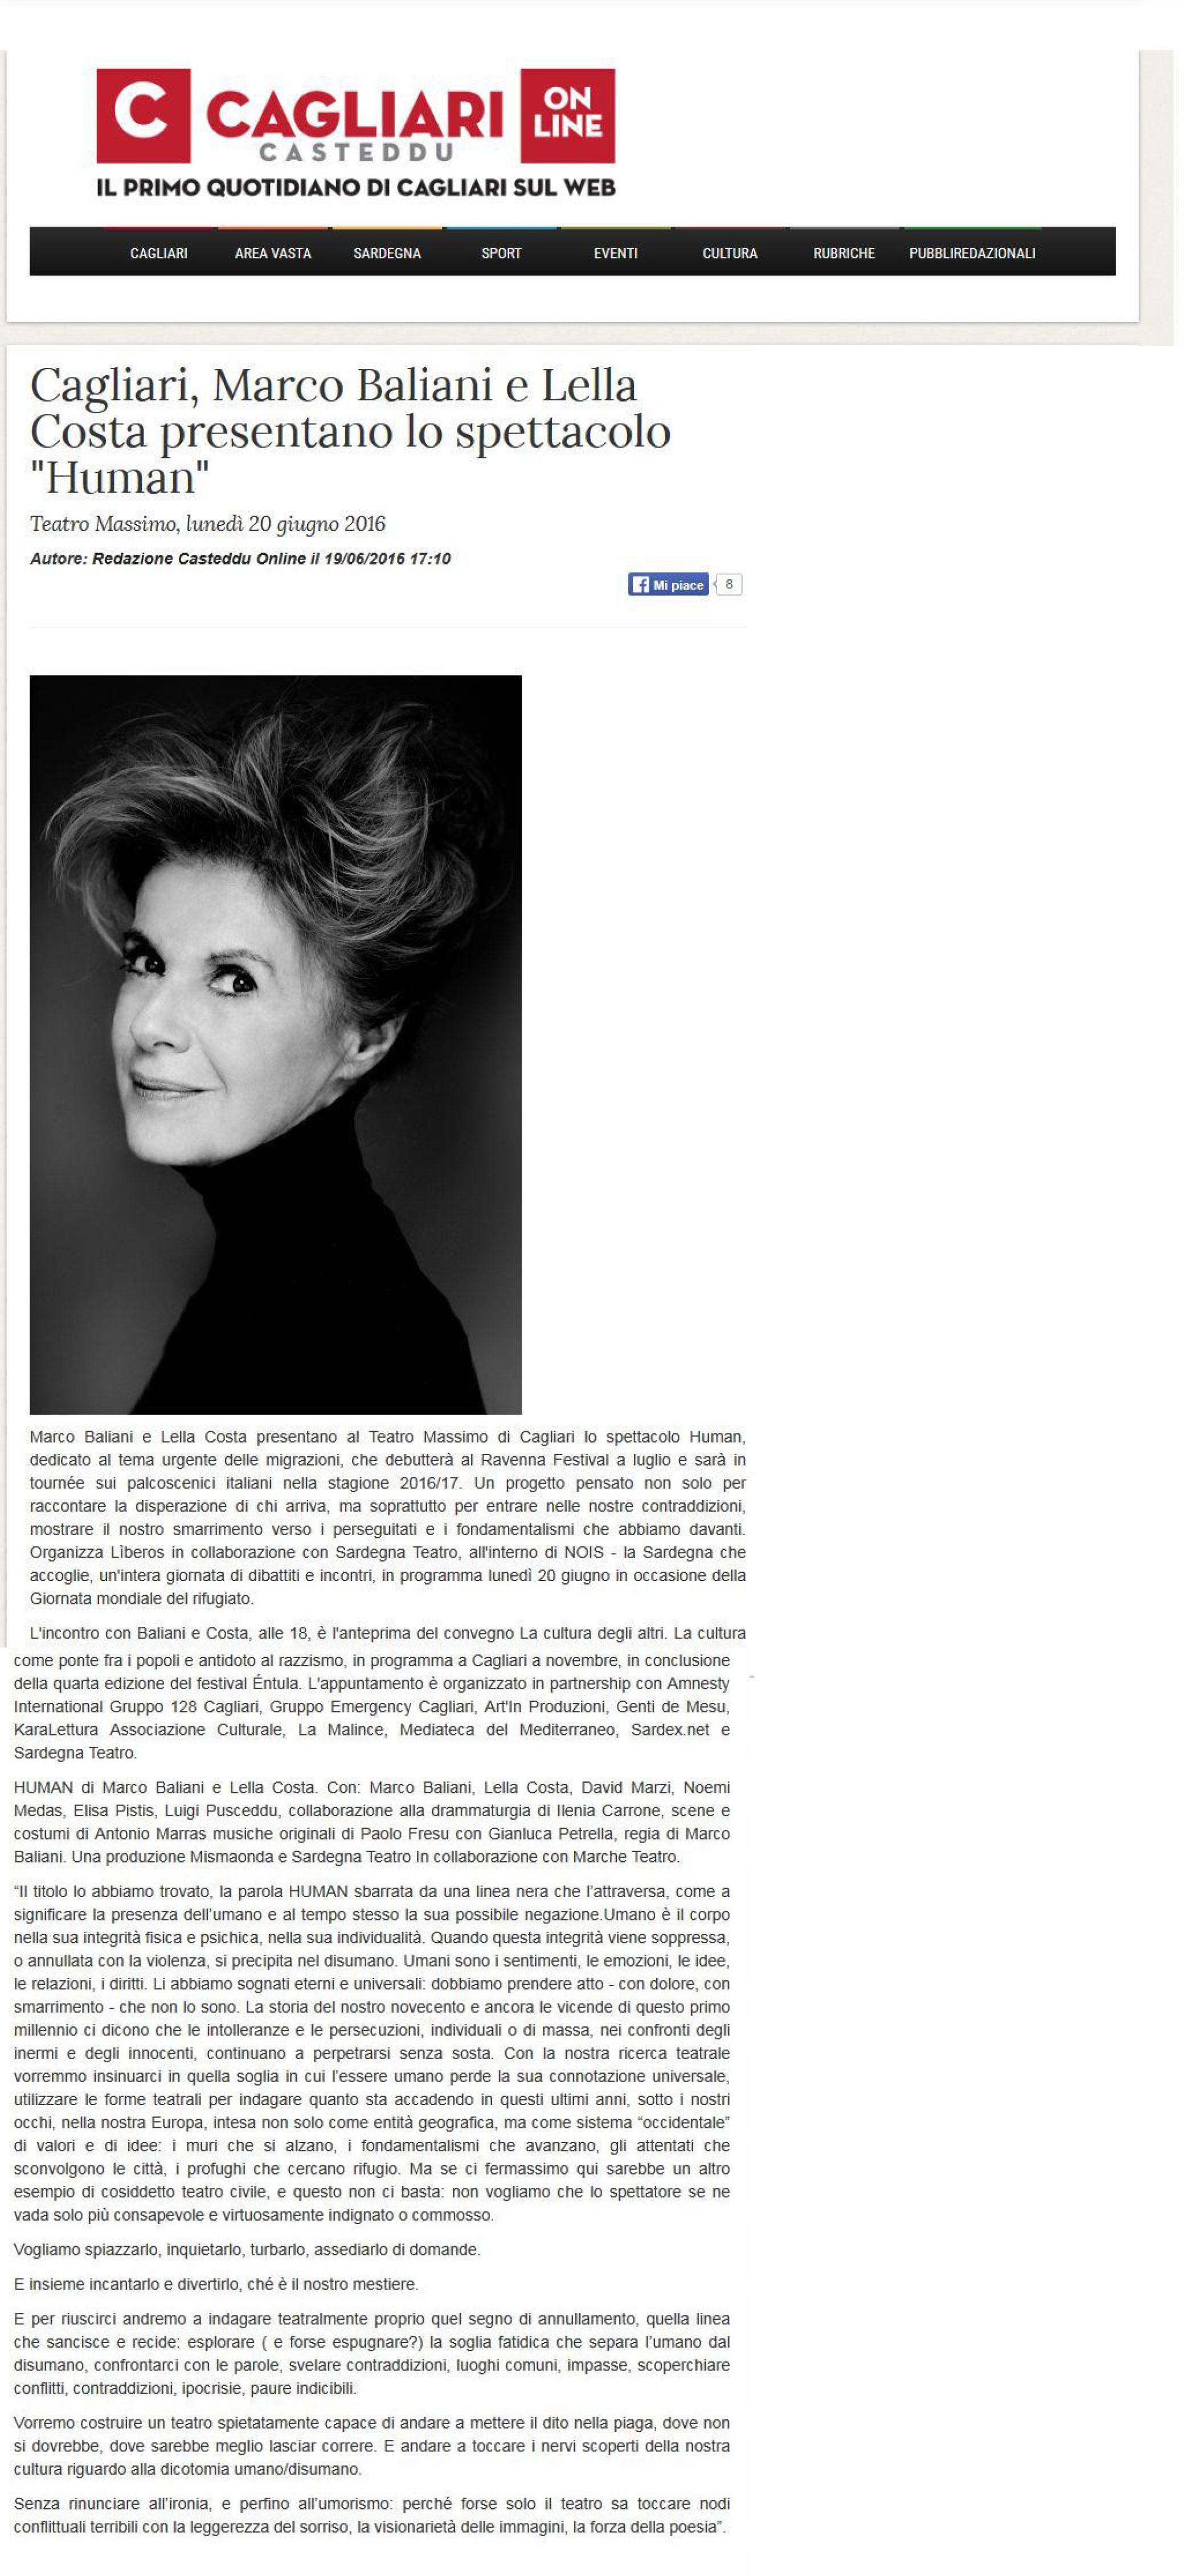 20160619_Cagliari,-Marco-Baliani-e-Lella-Costa-presentano-lo-spettacolo-Human_castedduonline-1